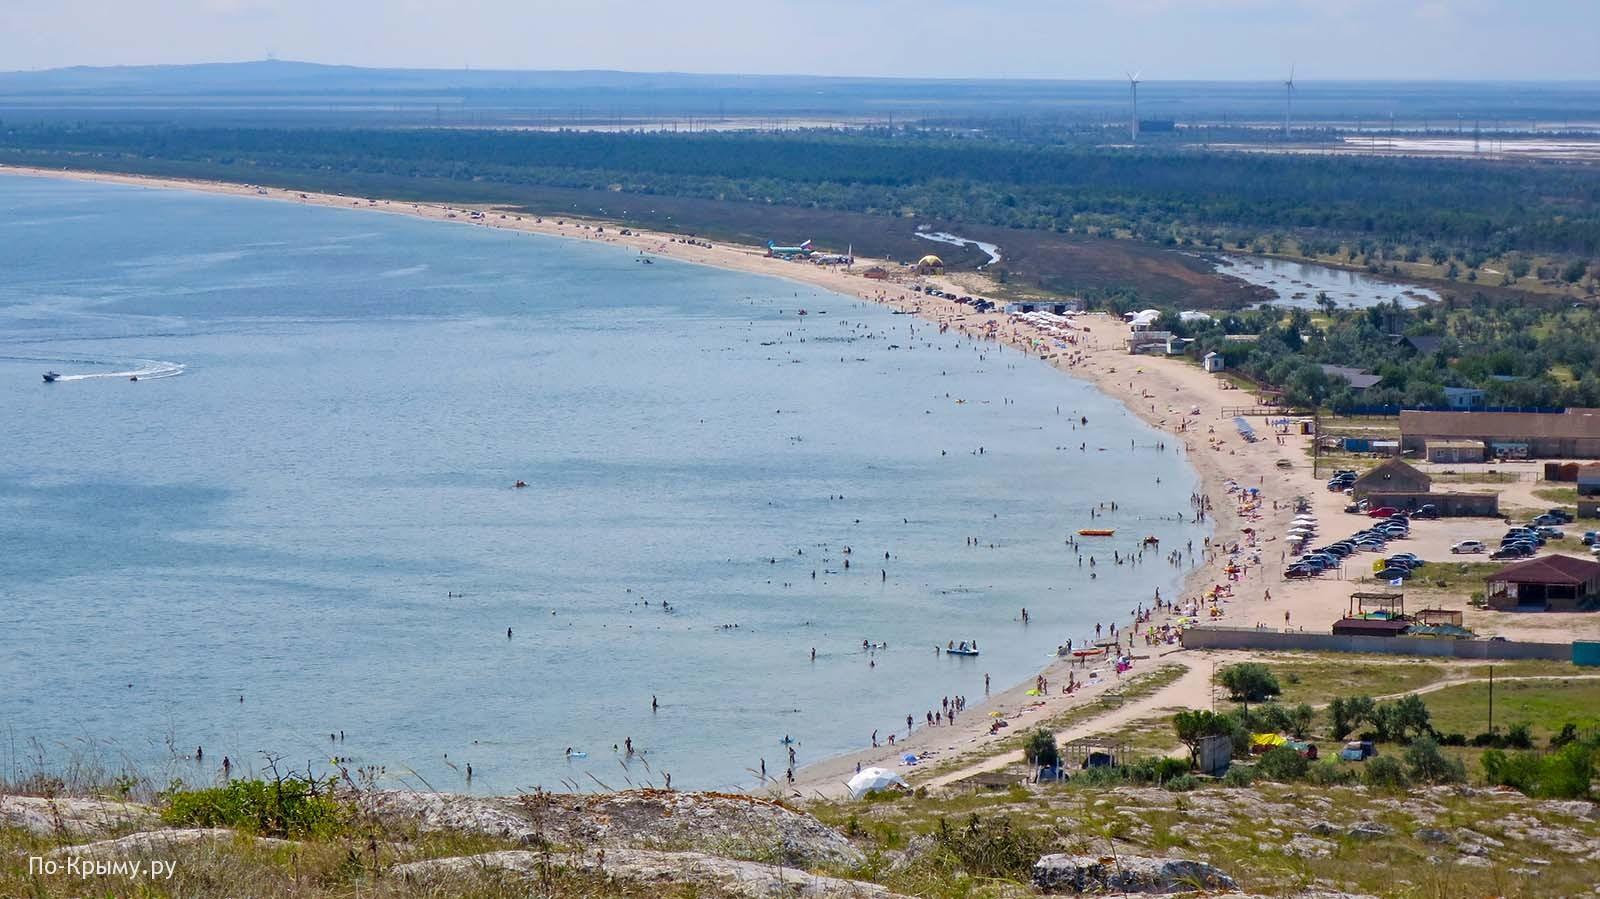 Шикарный пляж поселка Мысовое на Азовском море